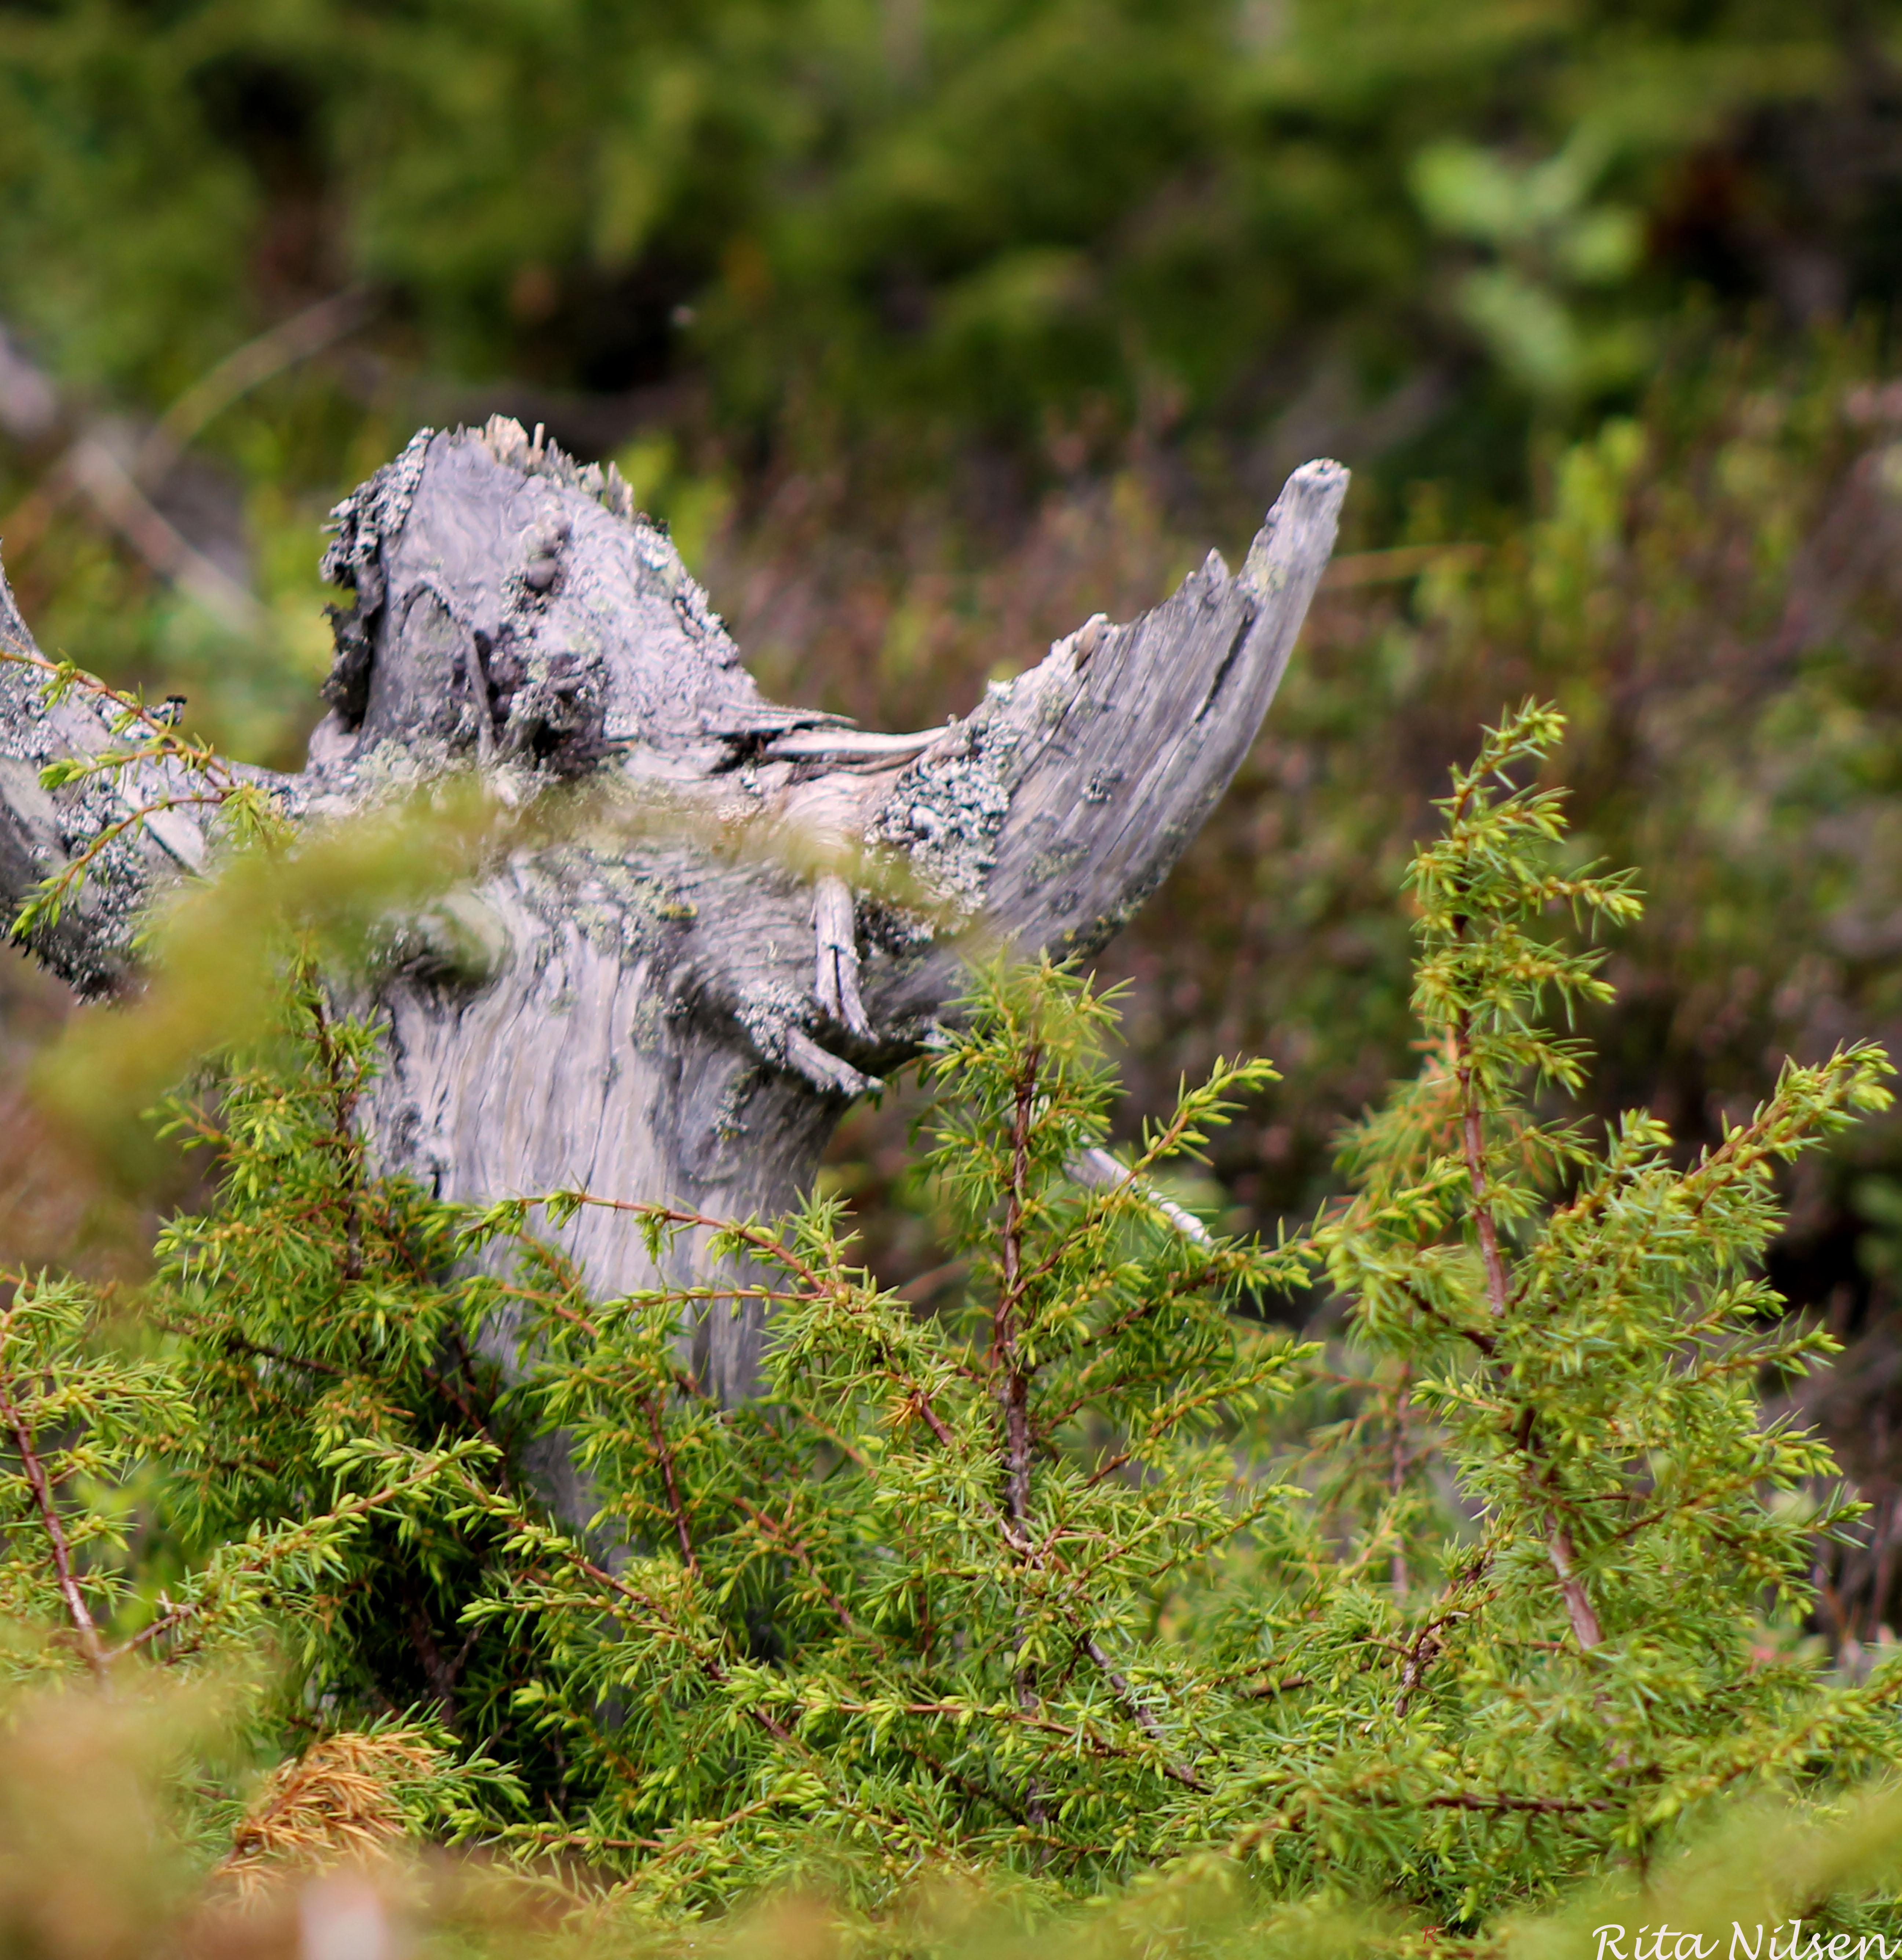 Engel i skogen